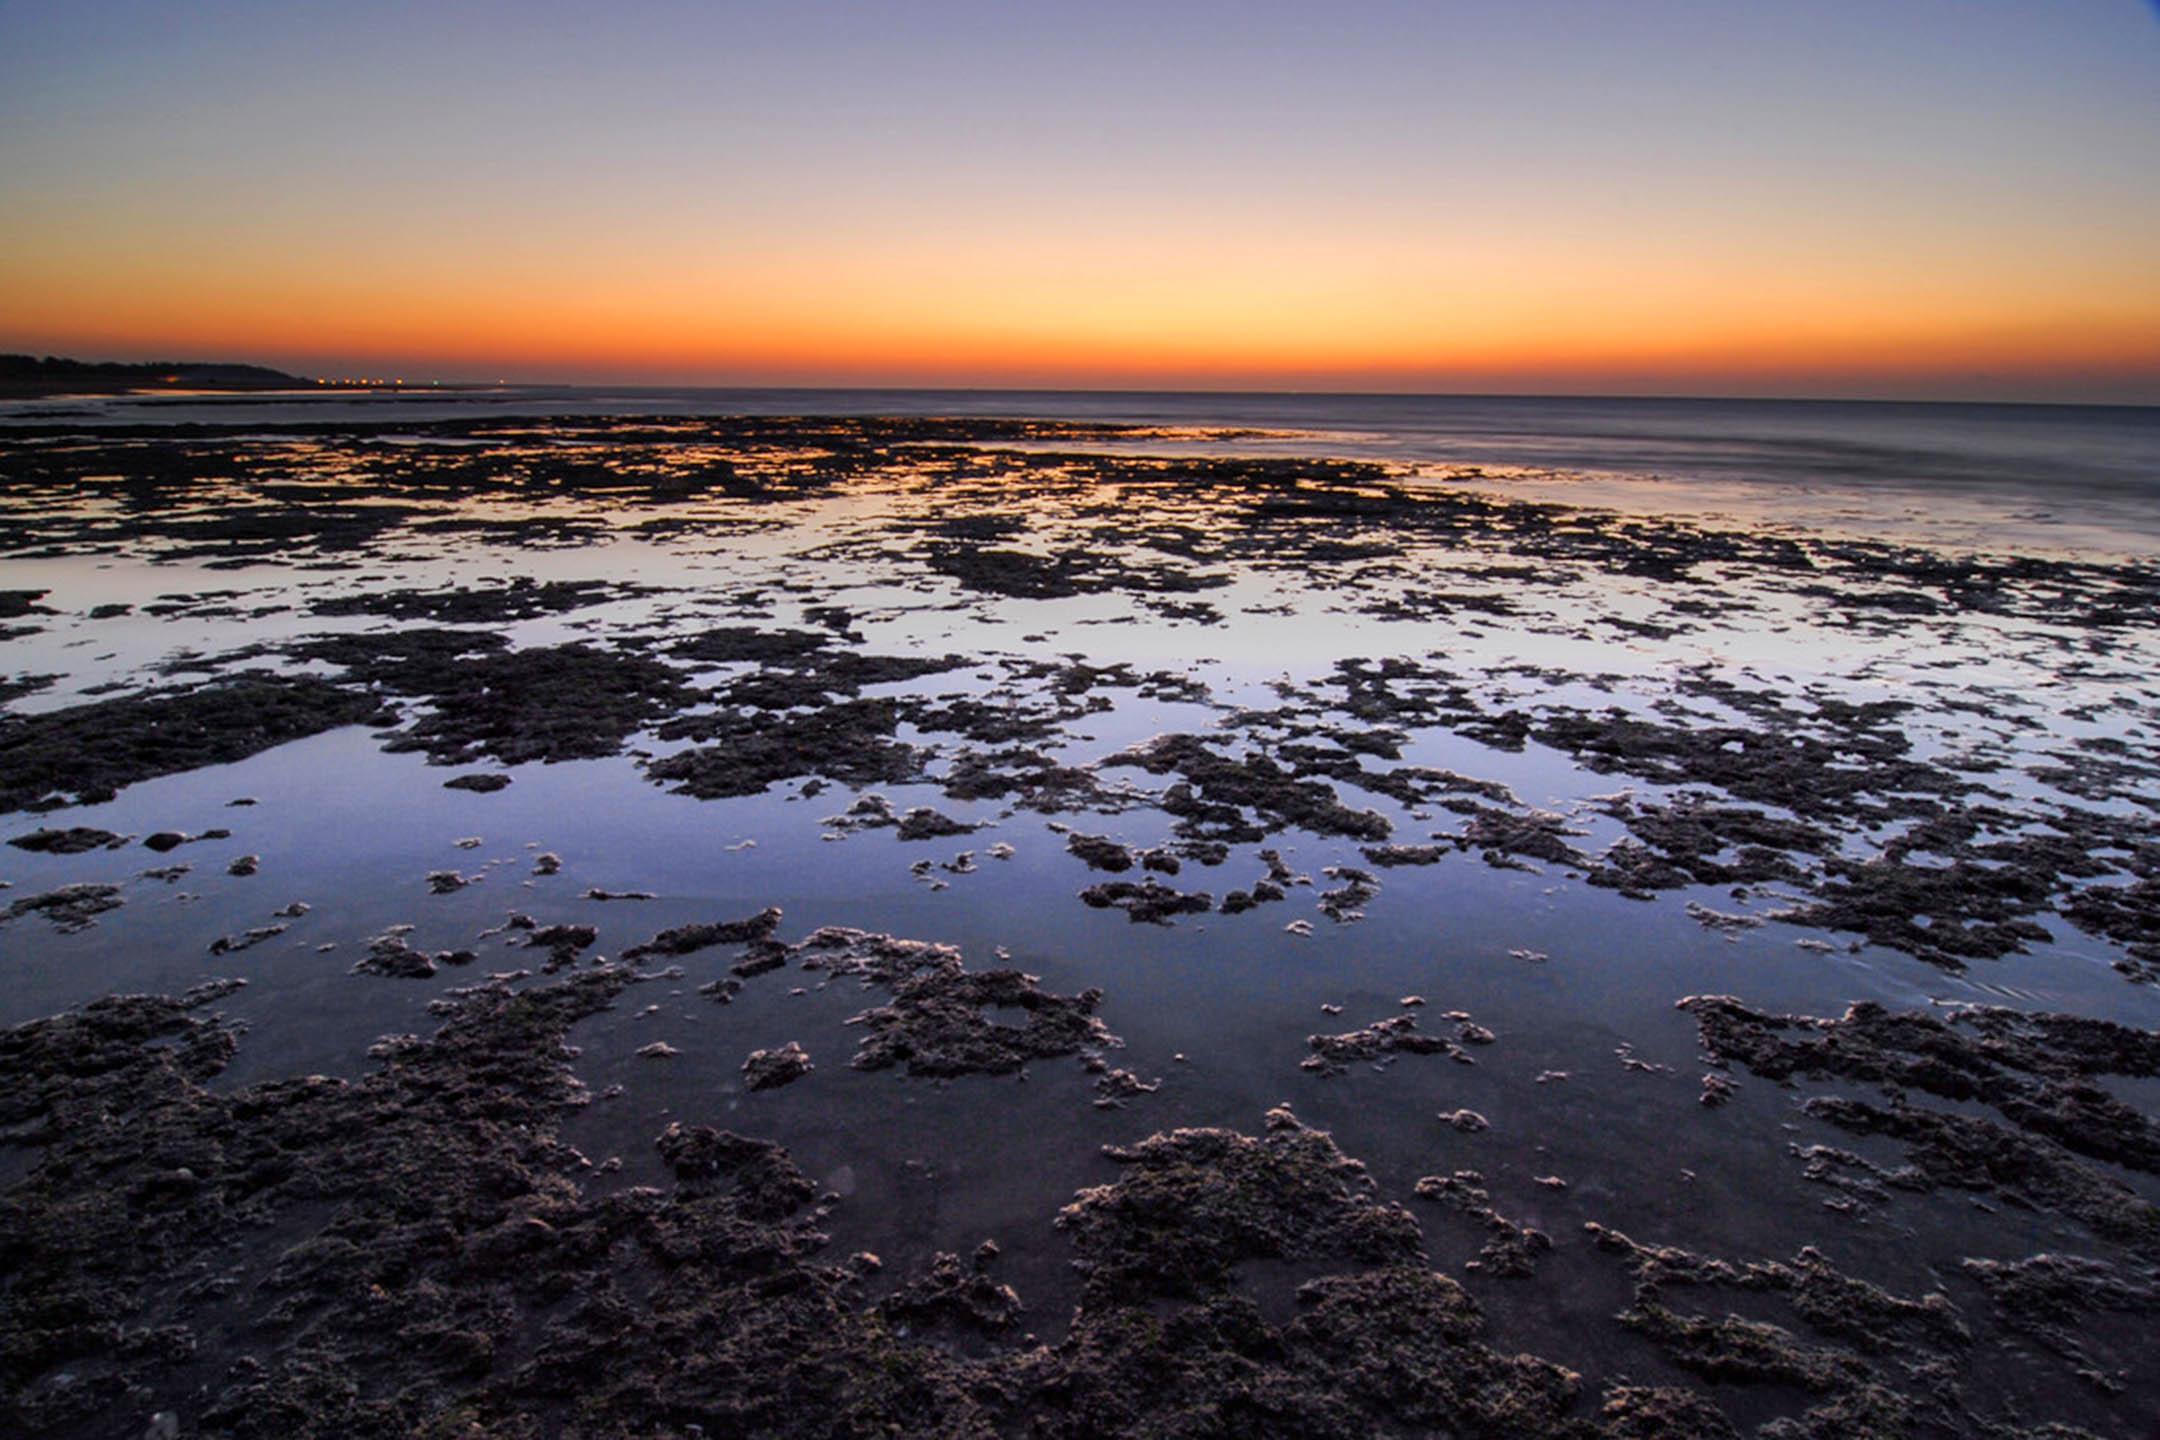 桃園的大潭藻礁。 圖:網上圖片